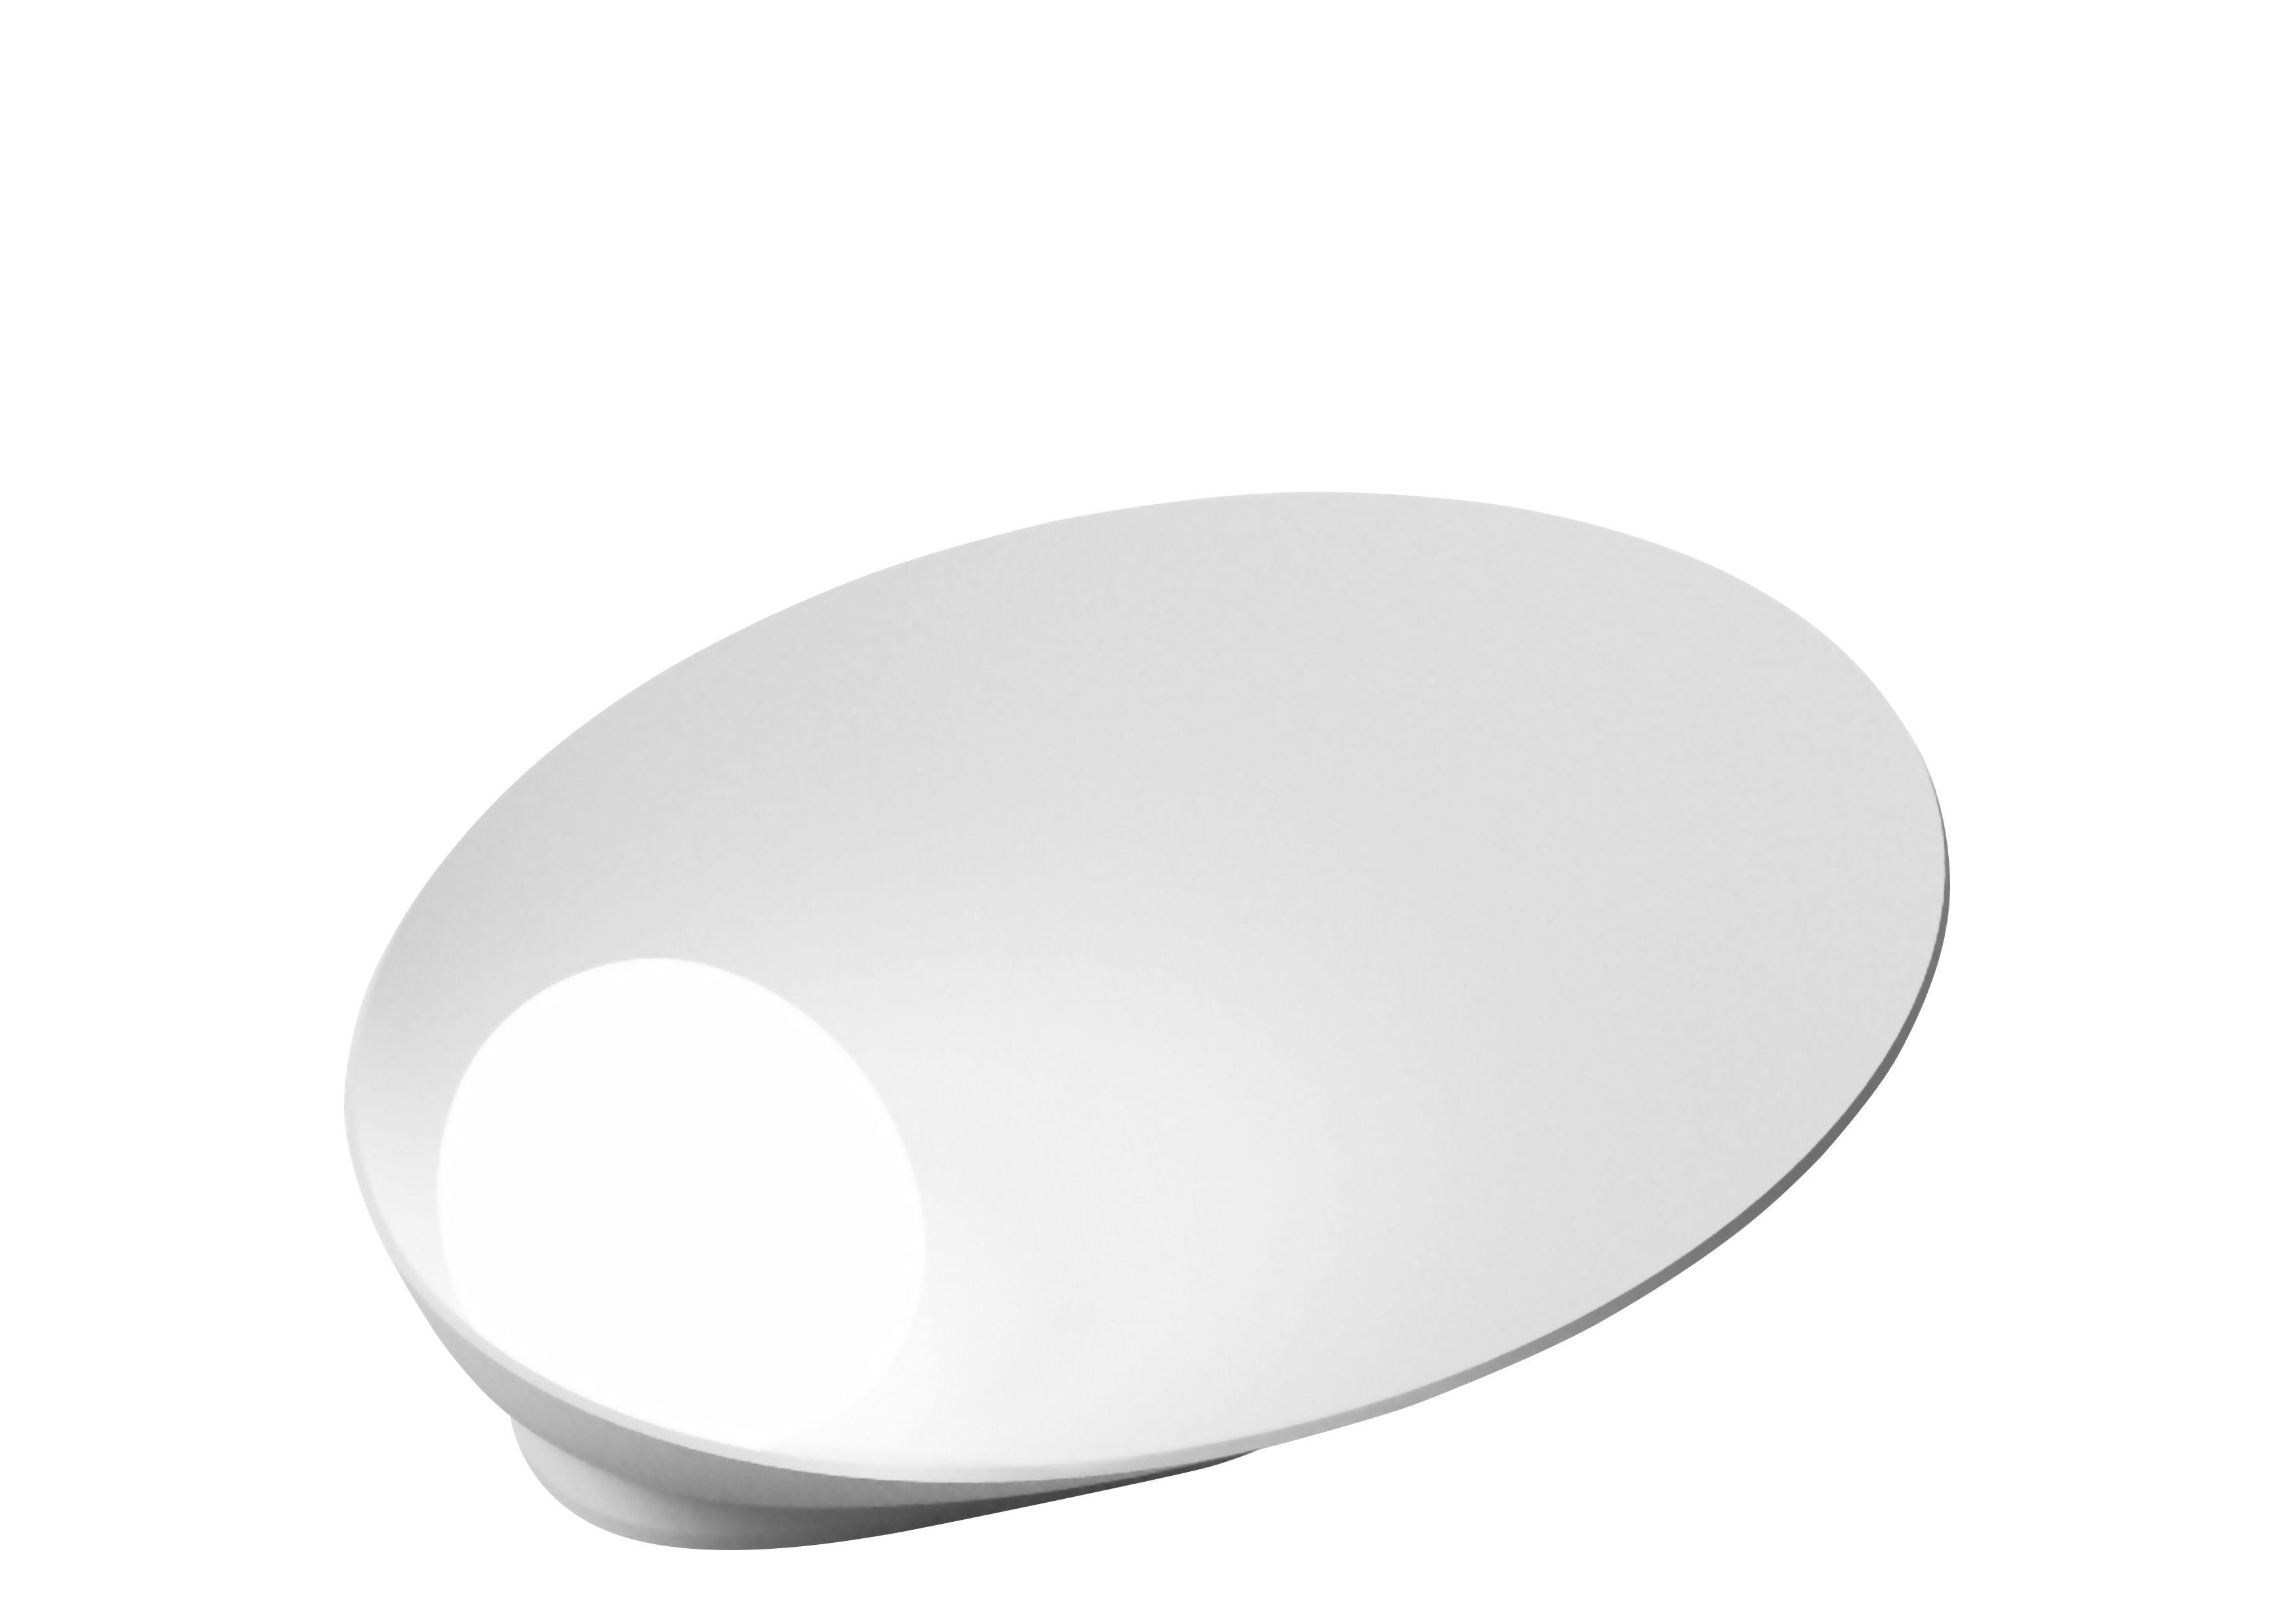 Leuchten - Tischleuchten - Musa Tischleuchte / wiederaufladbar - Ø 26 cm - Vibia - Mattweiß lackiert - Aluminium, Verre soufflé opalin